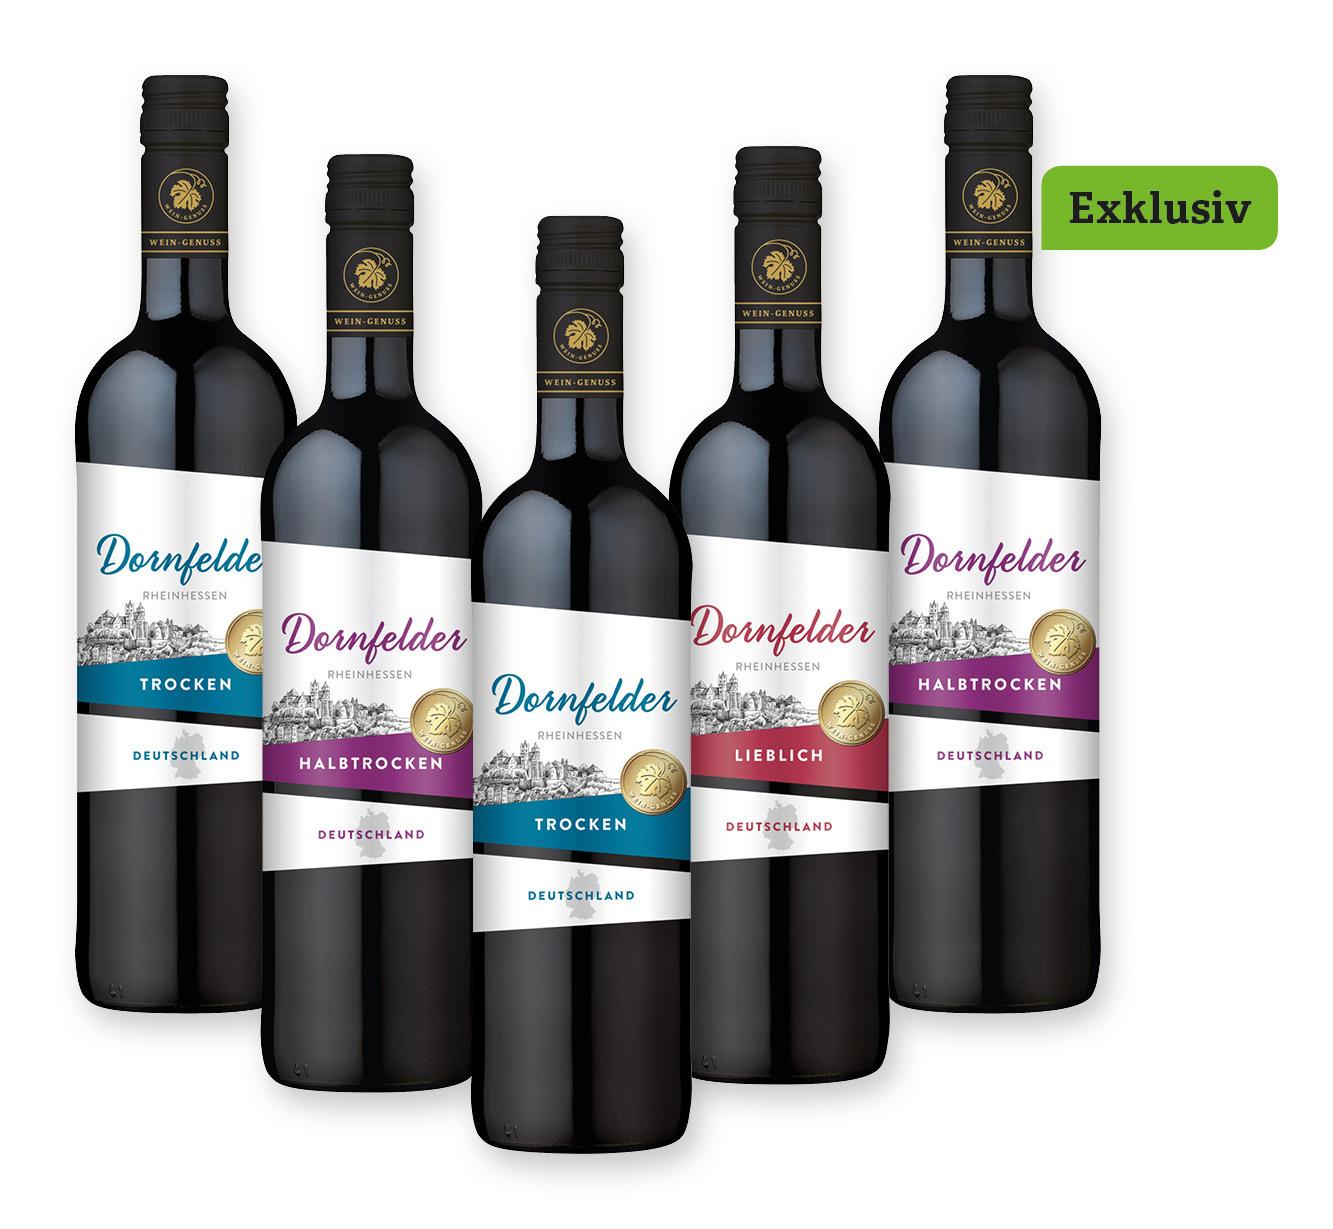 5 Flaschen <br /> Wein-Genuss Dornfelder